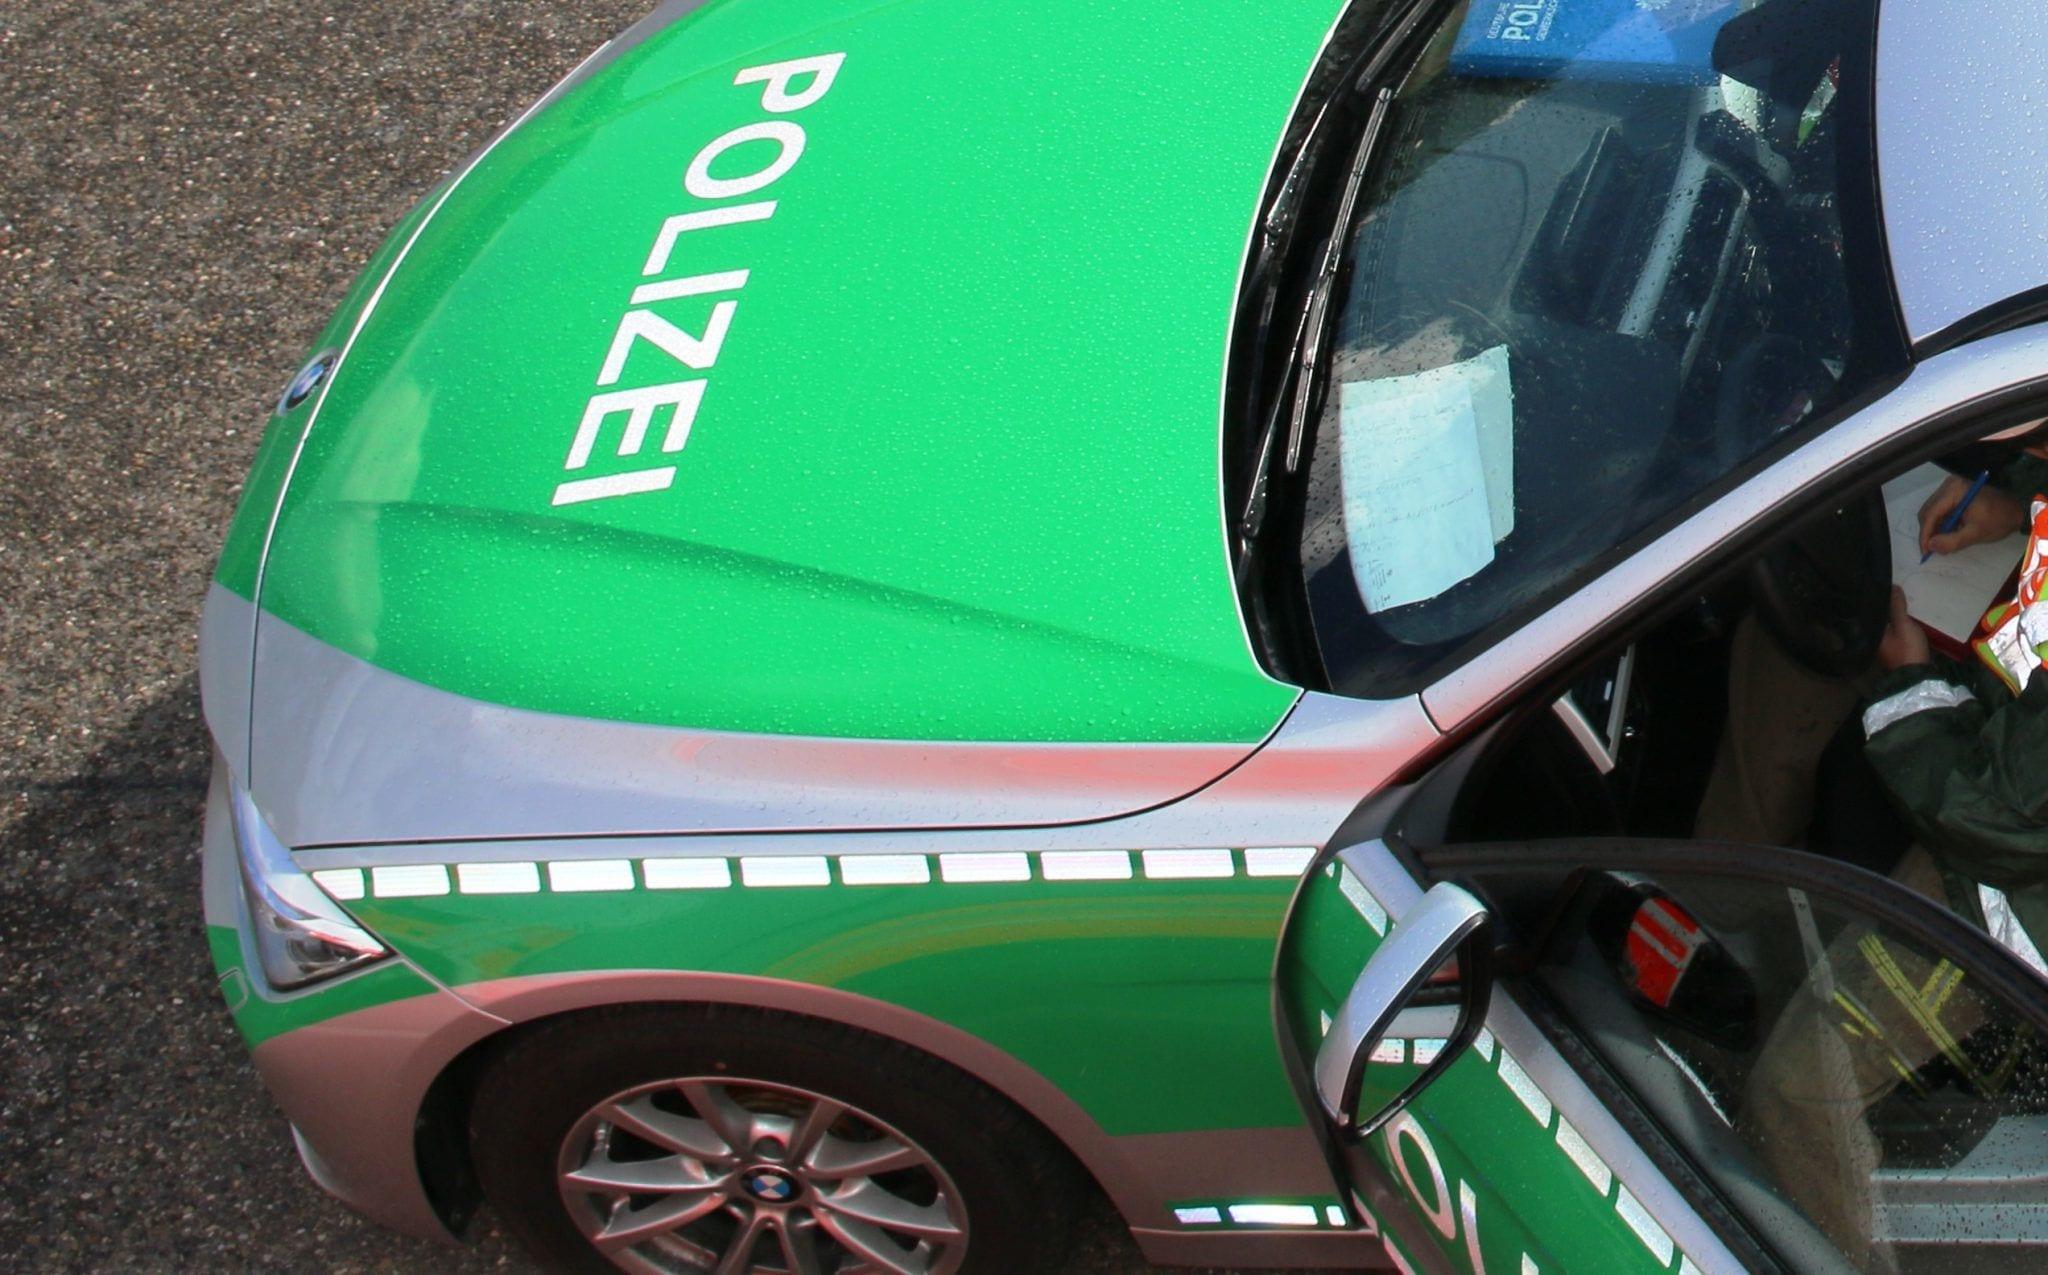 Polizeifahrzeug mit Polizeibeamten im Fahrzeug